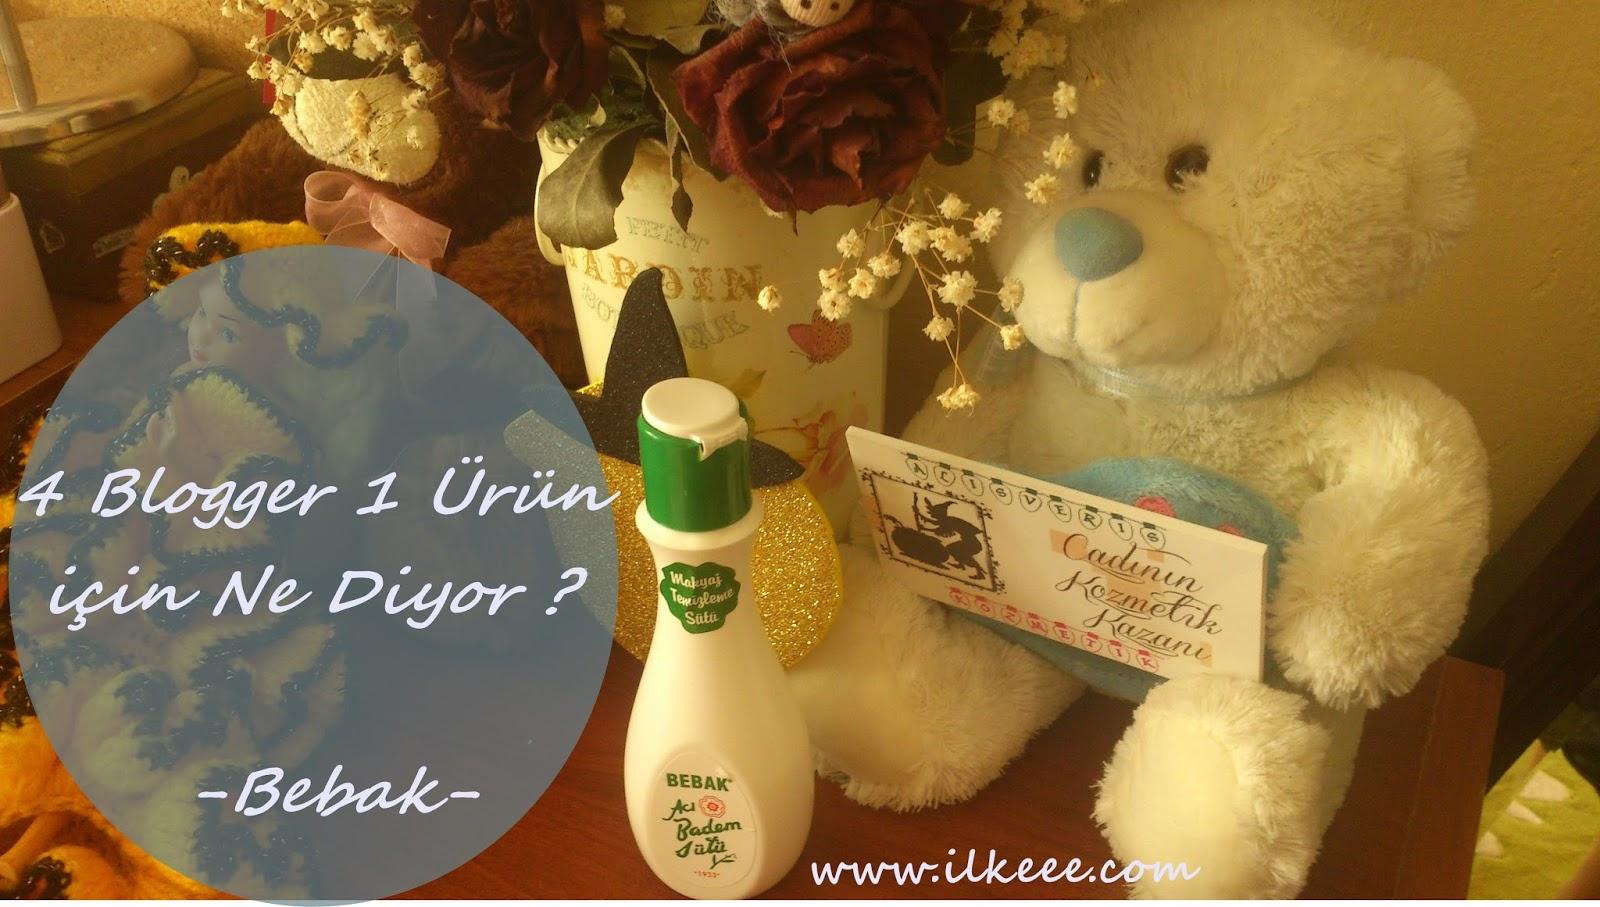 Bebak - Bebak Acı Badem Sütü - Bebak Makyaj Temizleme Sütü Kullananlar - Acı Badem Sütü kullananlar - 4 blogger 1 ürün - Bebak kullananlar